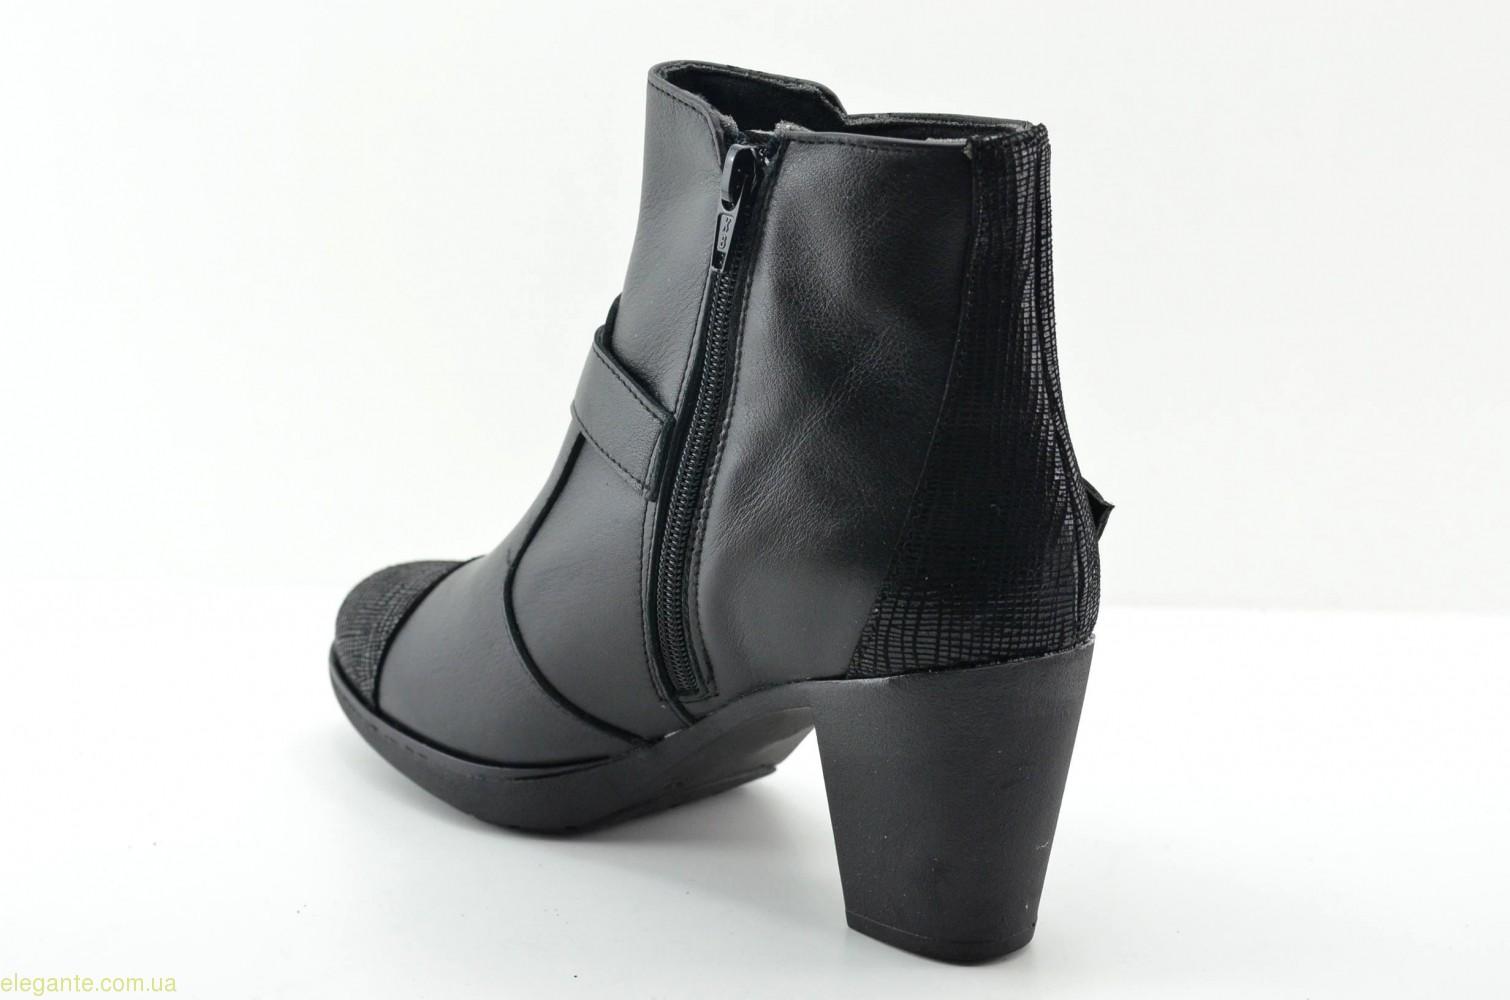 Жіночі черевики з пряжкою DIGO DIGO чорні 0